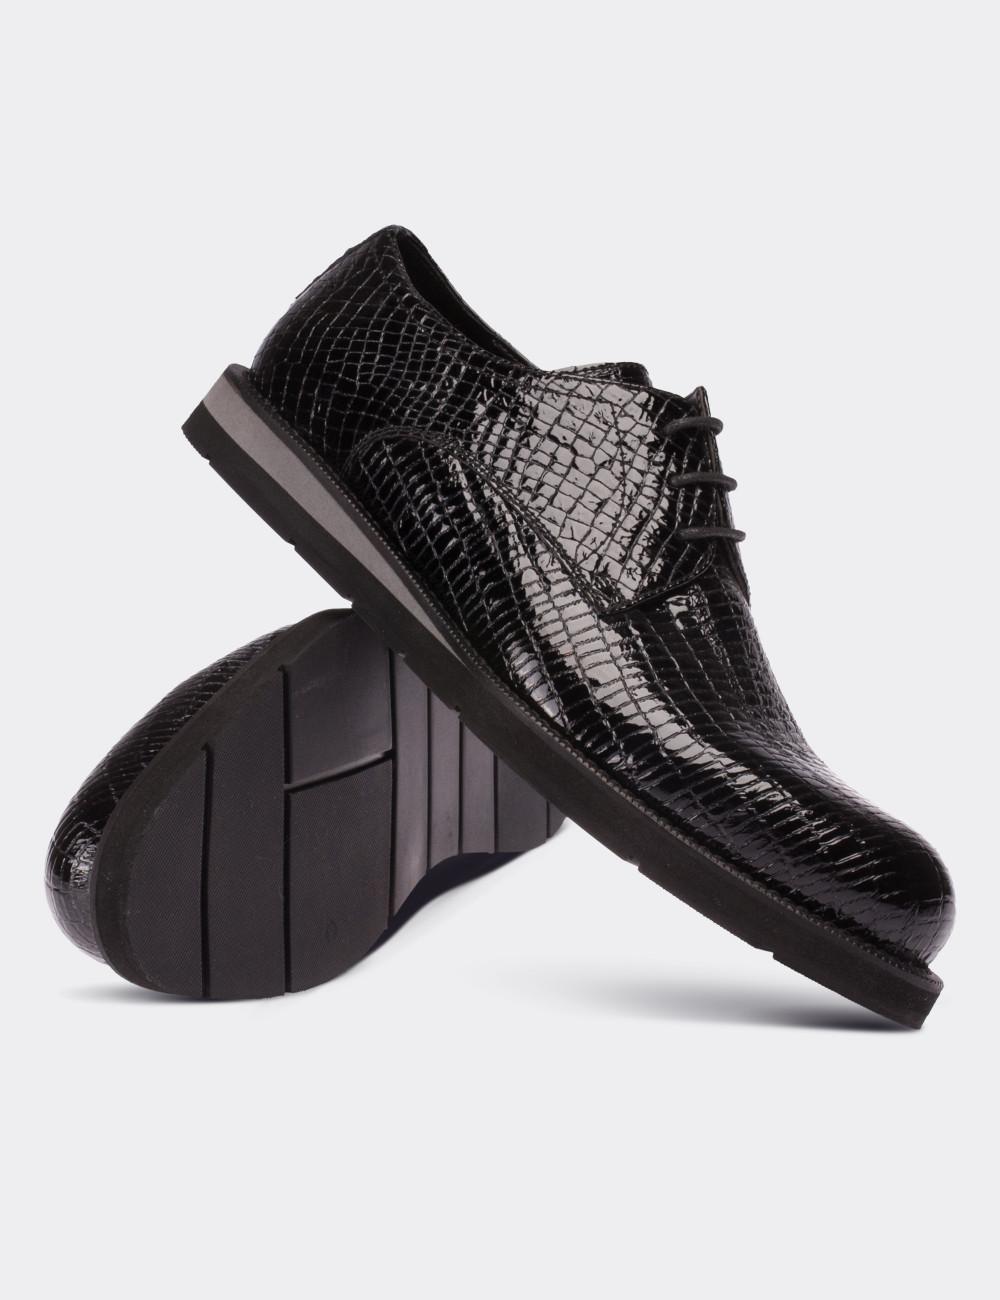 Hakiki Rugan Kroko Desen Siyah Günlük Erkek Ayakkabı - 01479MSYHE02